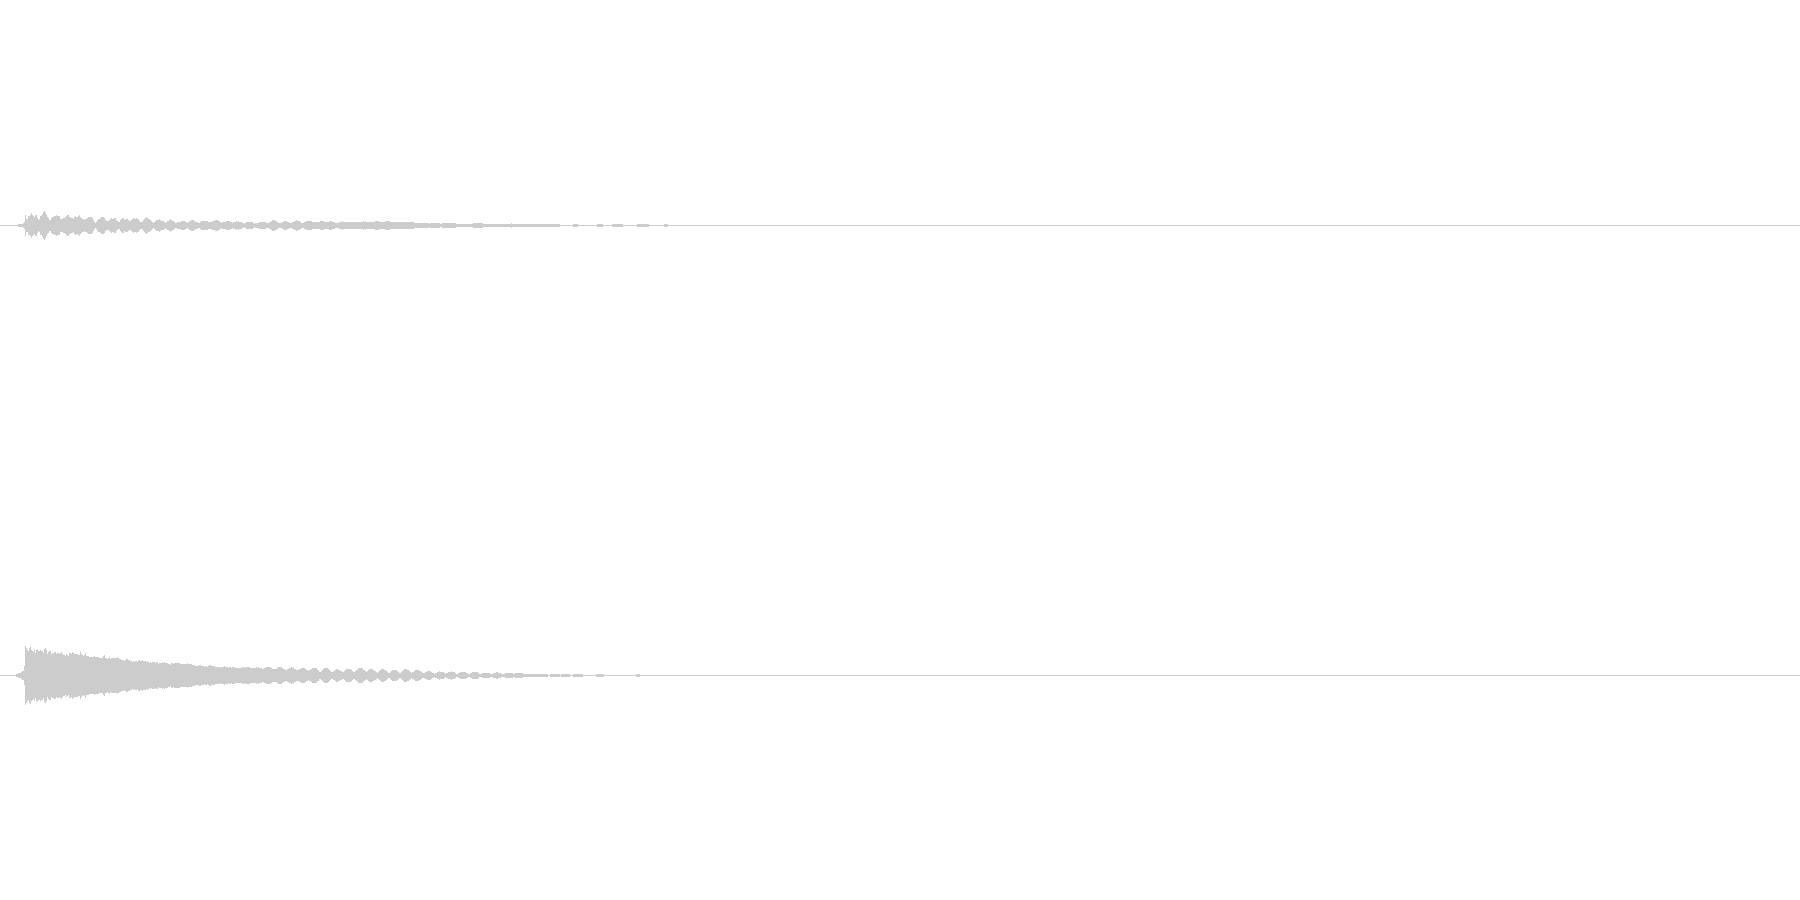 キラキラ系_047の未再生の波形